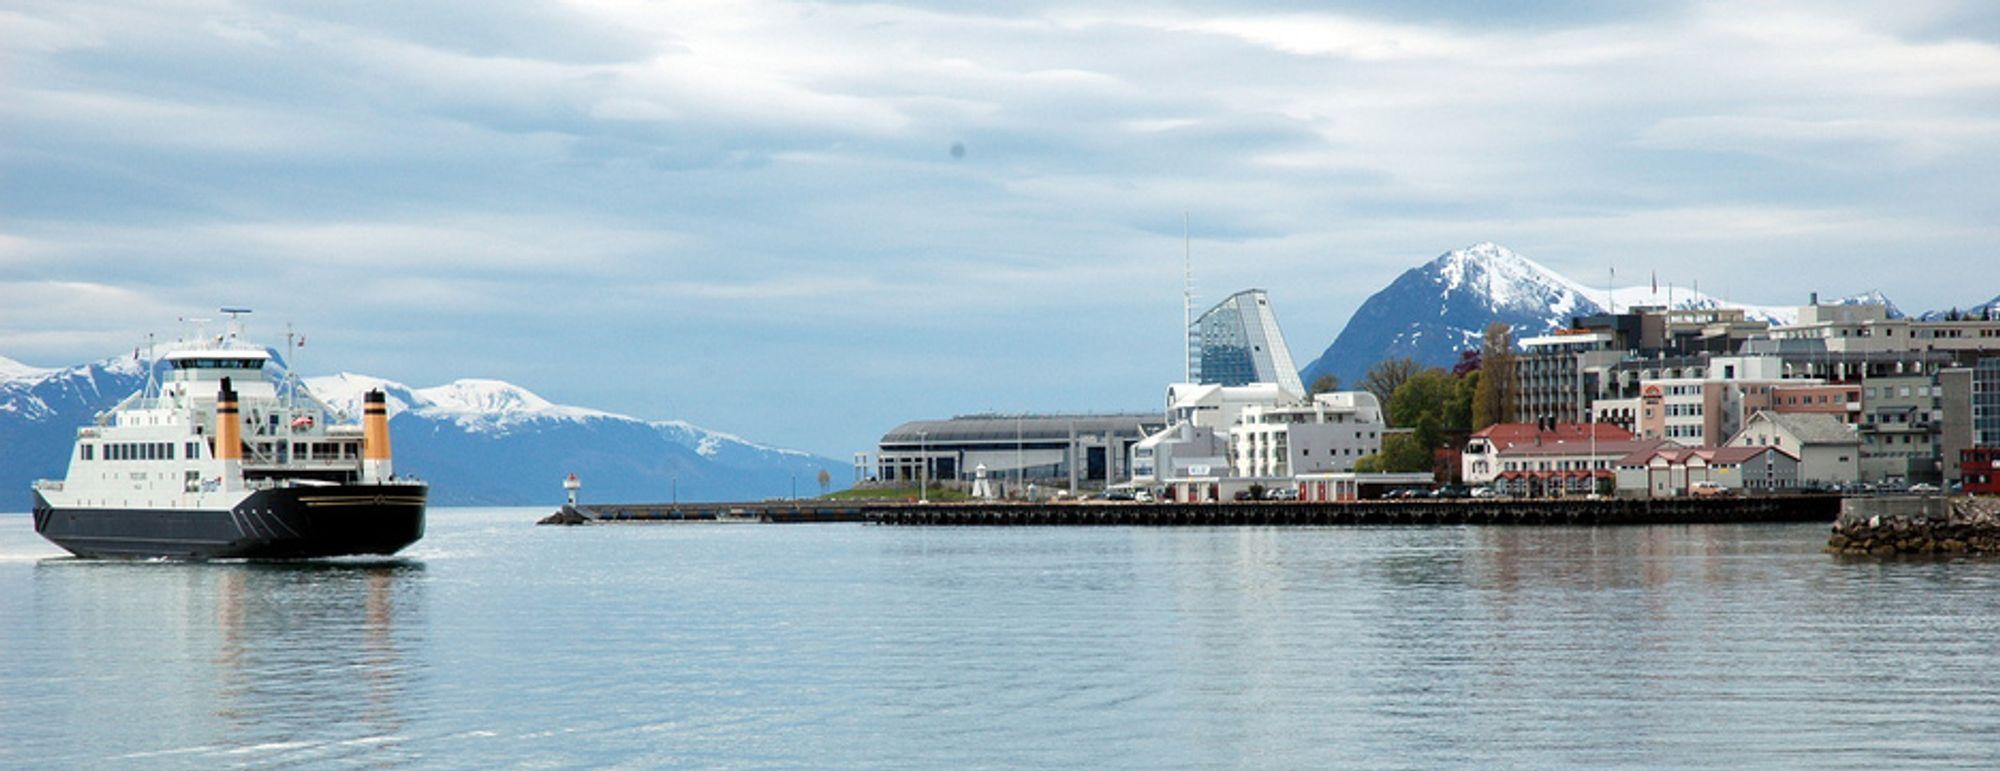 Her i Molde åpner Sweco et nytt lokalkontor som skal dekke hele Møre og Romsdal.